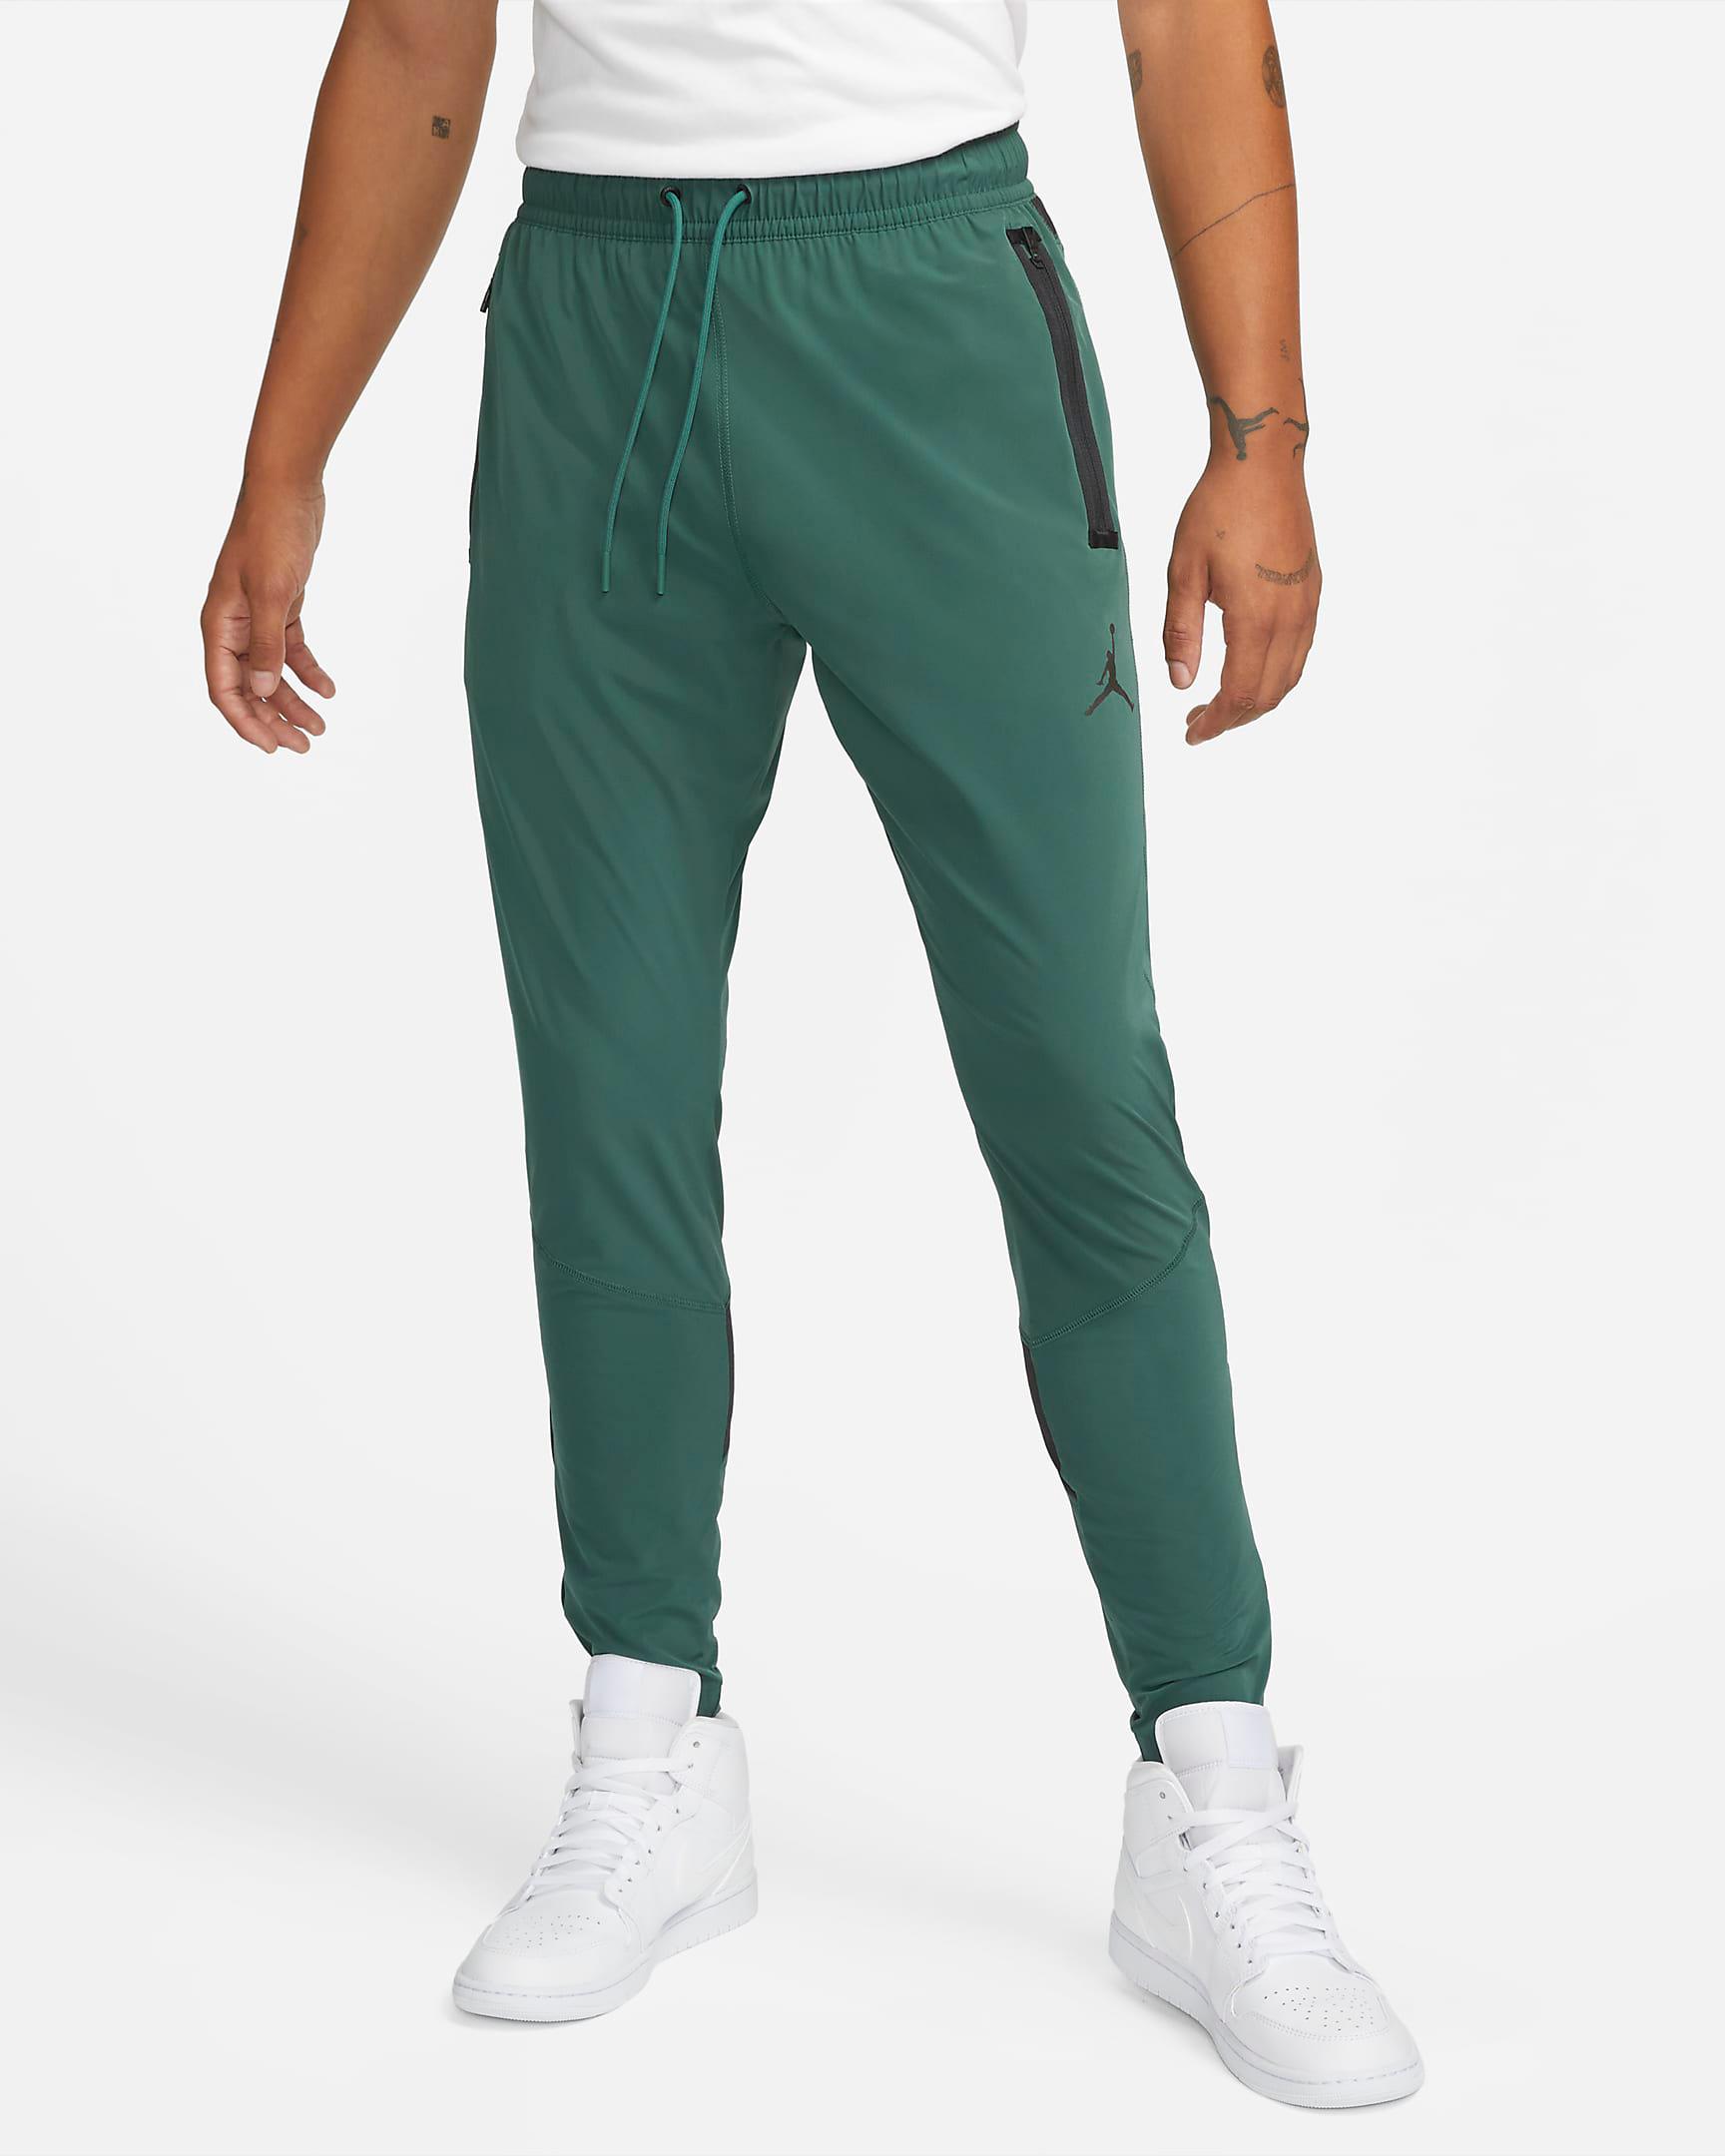 jordan-noble-green-air-statetment-pants-1